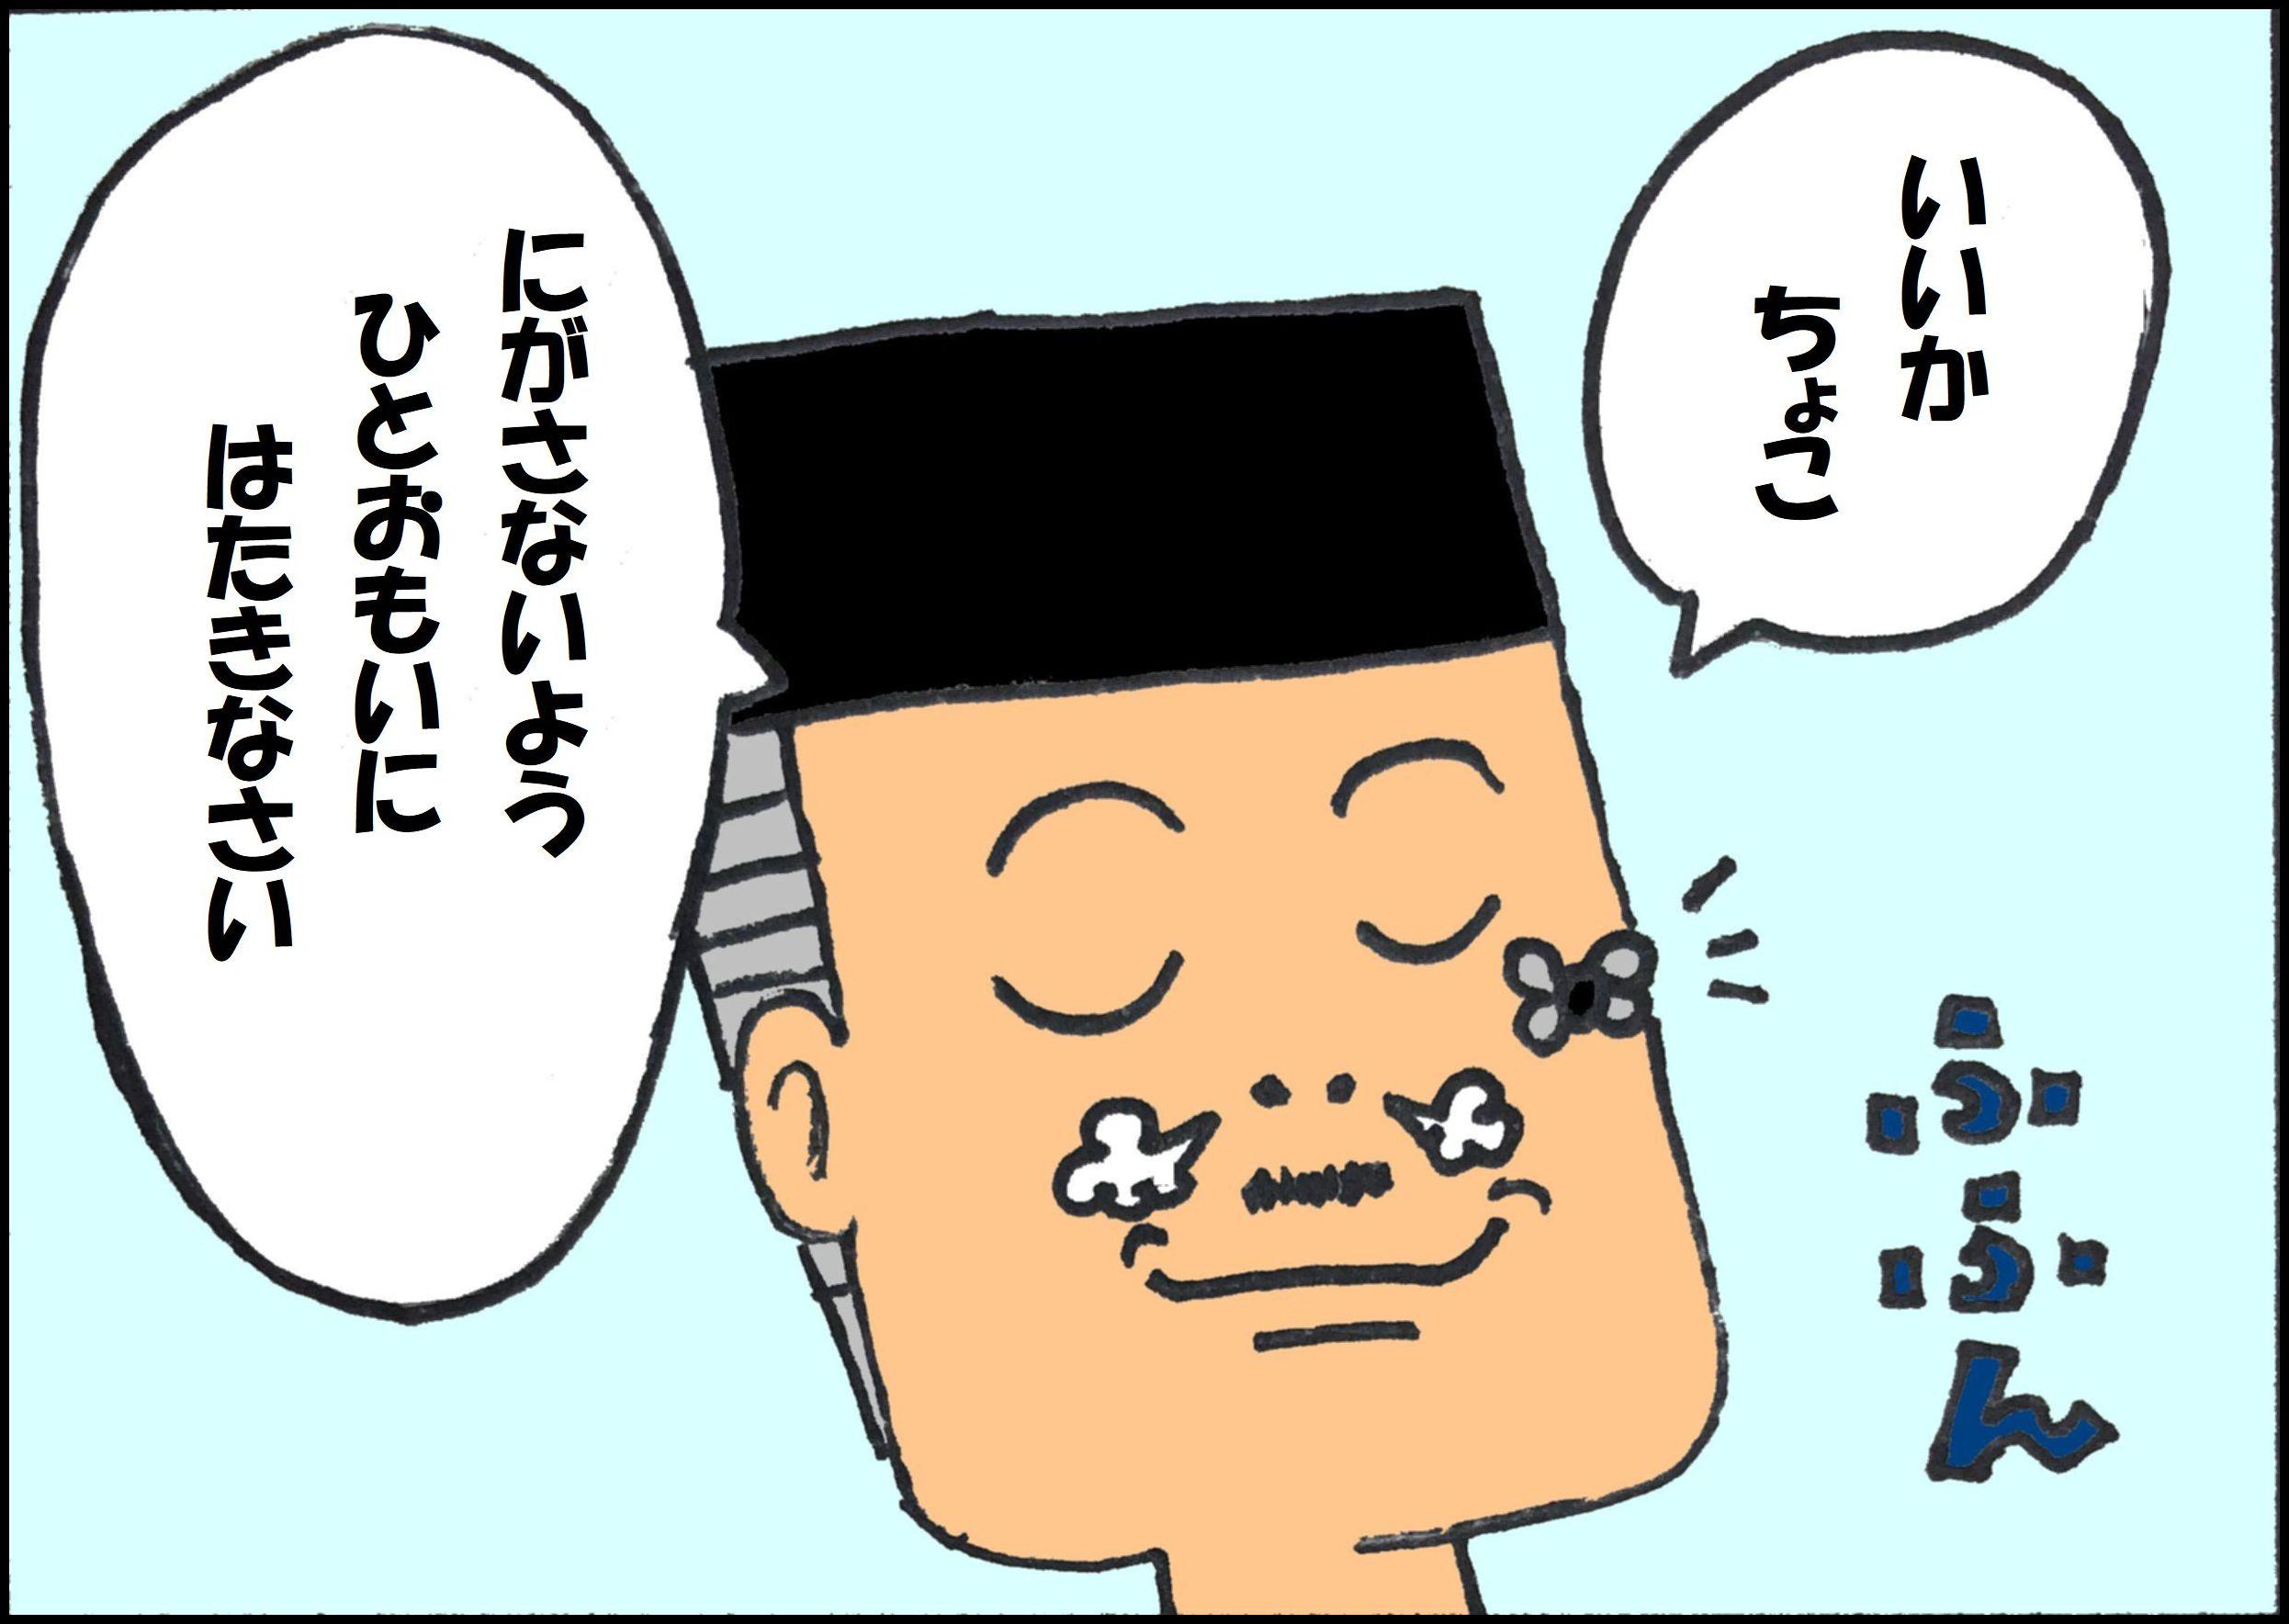 『夕やけちょこ』その14「ハエ」 (3)